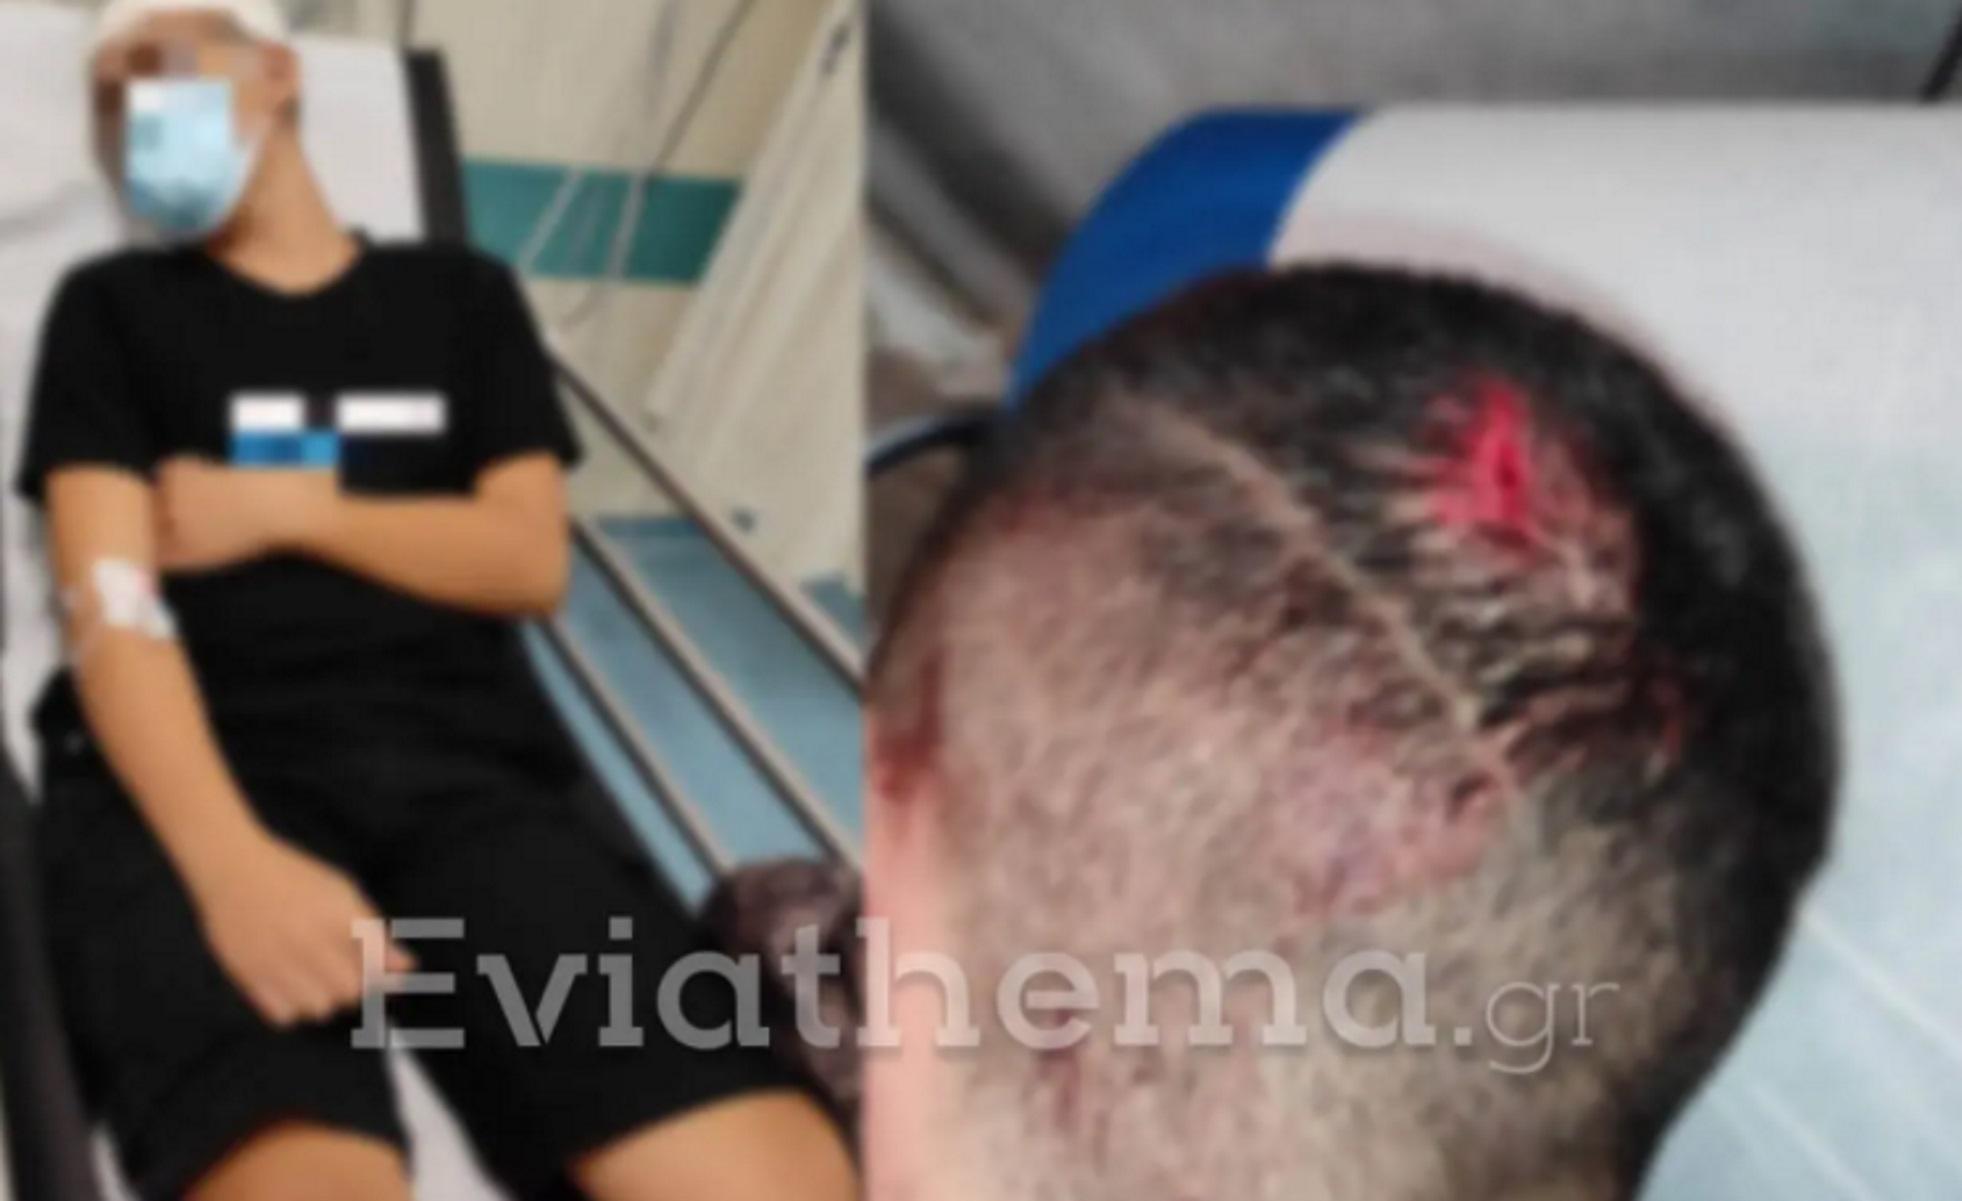 Αλιβέρι: 15χρονος σοβαρά τραυματισμένος στο κεφάλι από επίθεση 21χρονου κατόχου «μαύρης ζώνης»